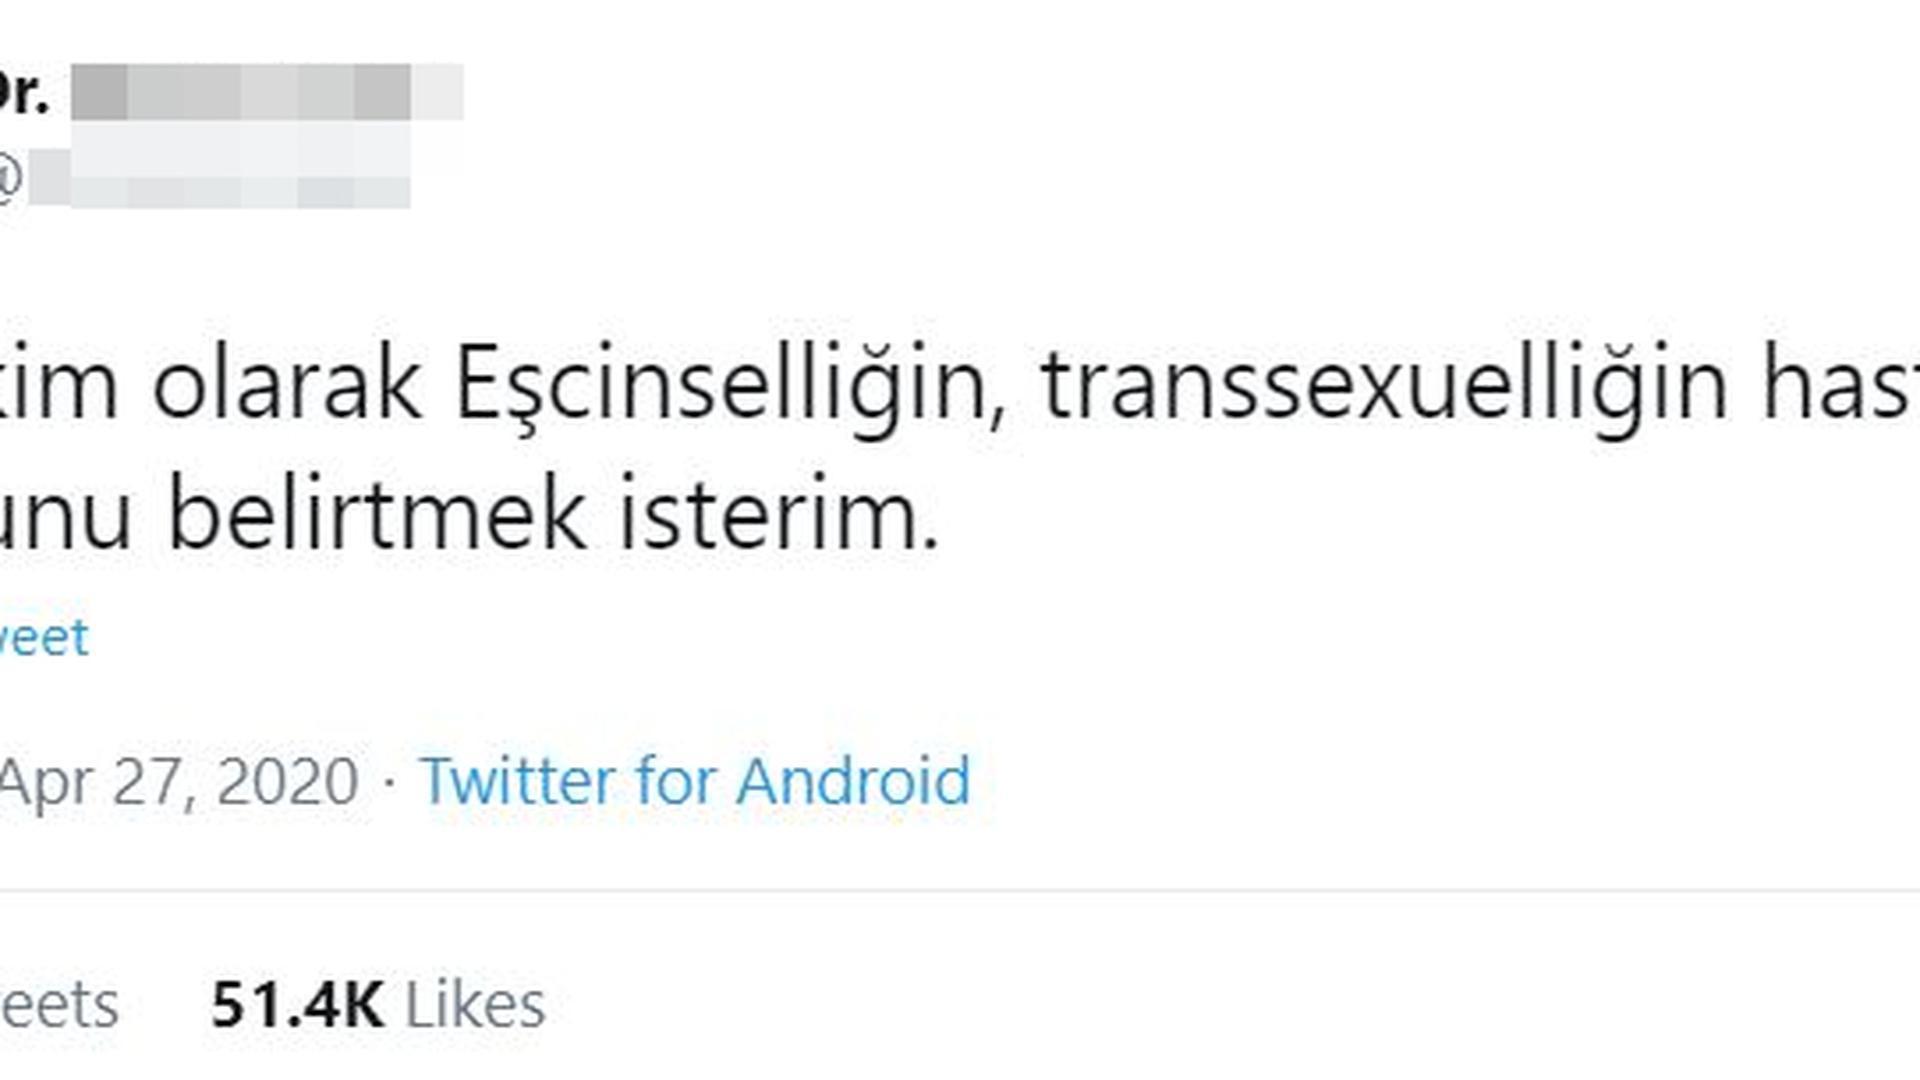 Der ursprüngliche Tweet, der erst nach mehr als 24 Stunden gelöscht wurde.